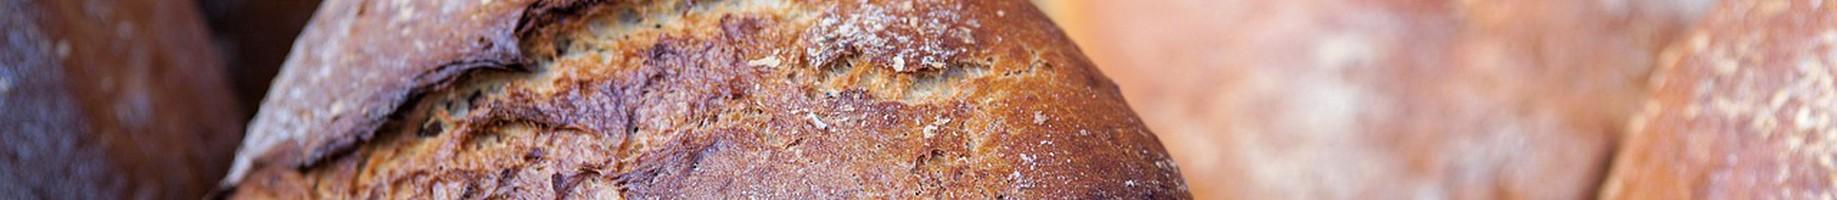 bread-2824599_1280